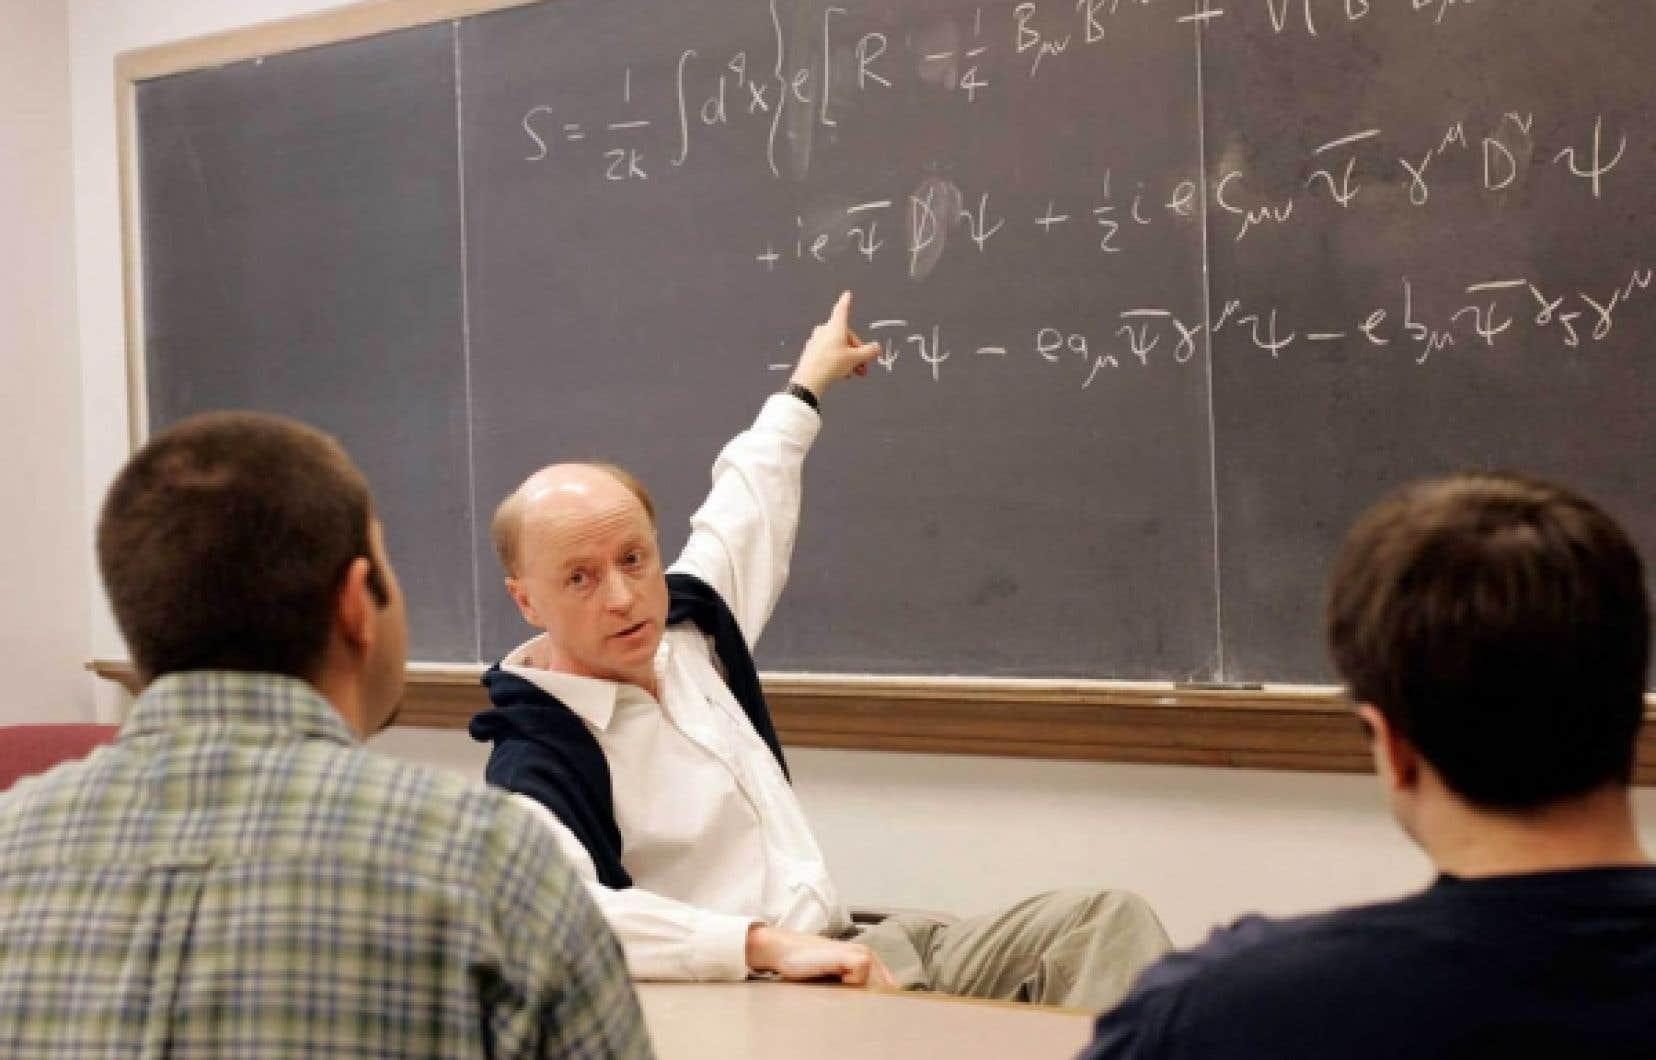 Le physicien Alan Kostelecky avait publié il y a 26 ans un article dans lequel il formulait l'hypothèse que les neutrinos pouvaient voyager plus vite que la lumière. Le professeur se réjouit de ces nouvelles observations qui donnent du poids à sa théorie, qui se veut une extension du modèle standard.